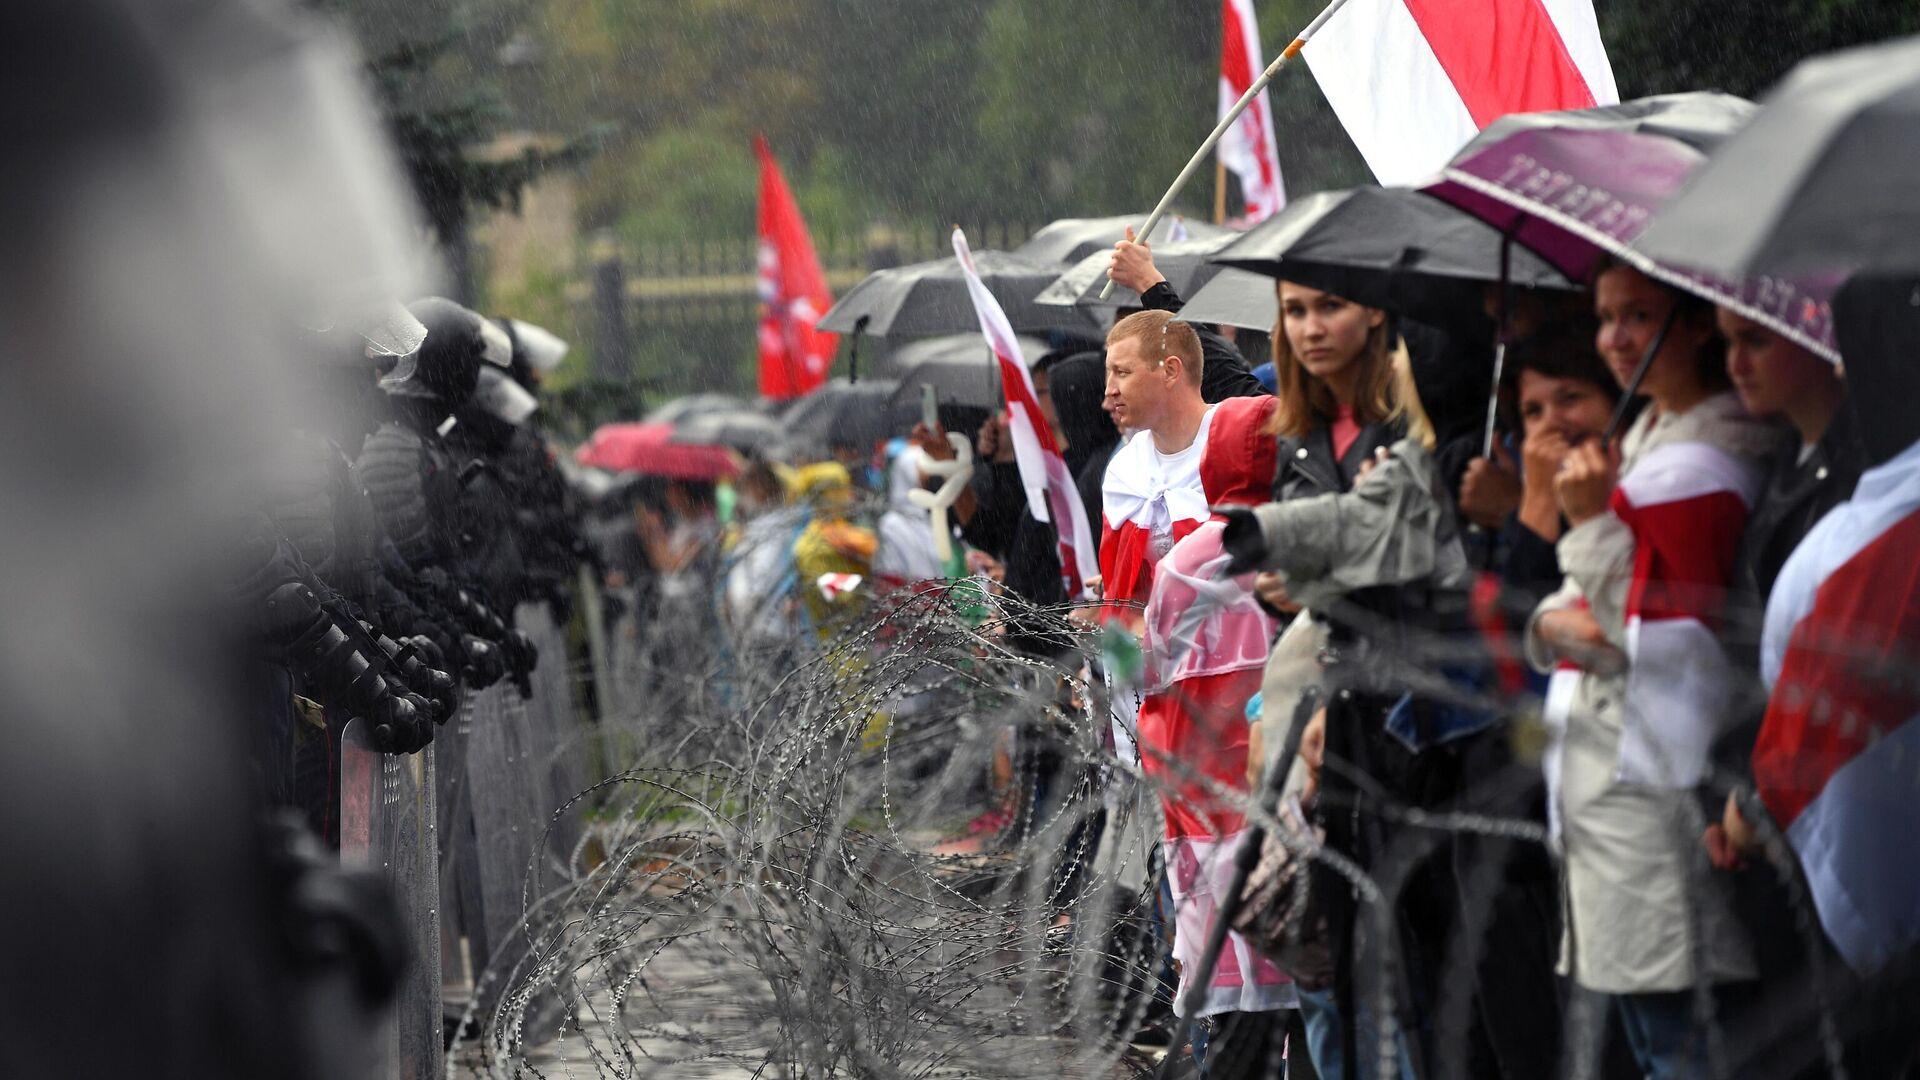 Участники несанкционированной акции оппозиции Марш единства и сотрудники милиции на одной из улиц в Минске - РИА Новости, 1920, 15.09.2020